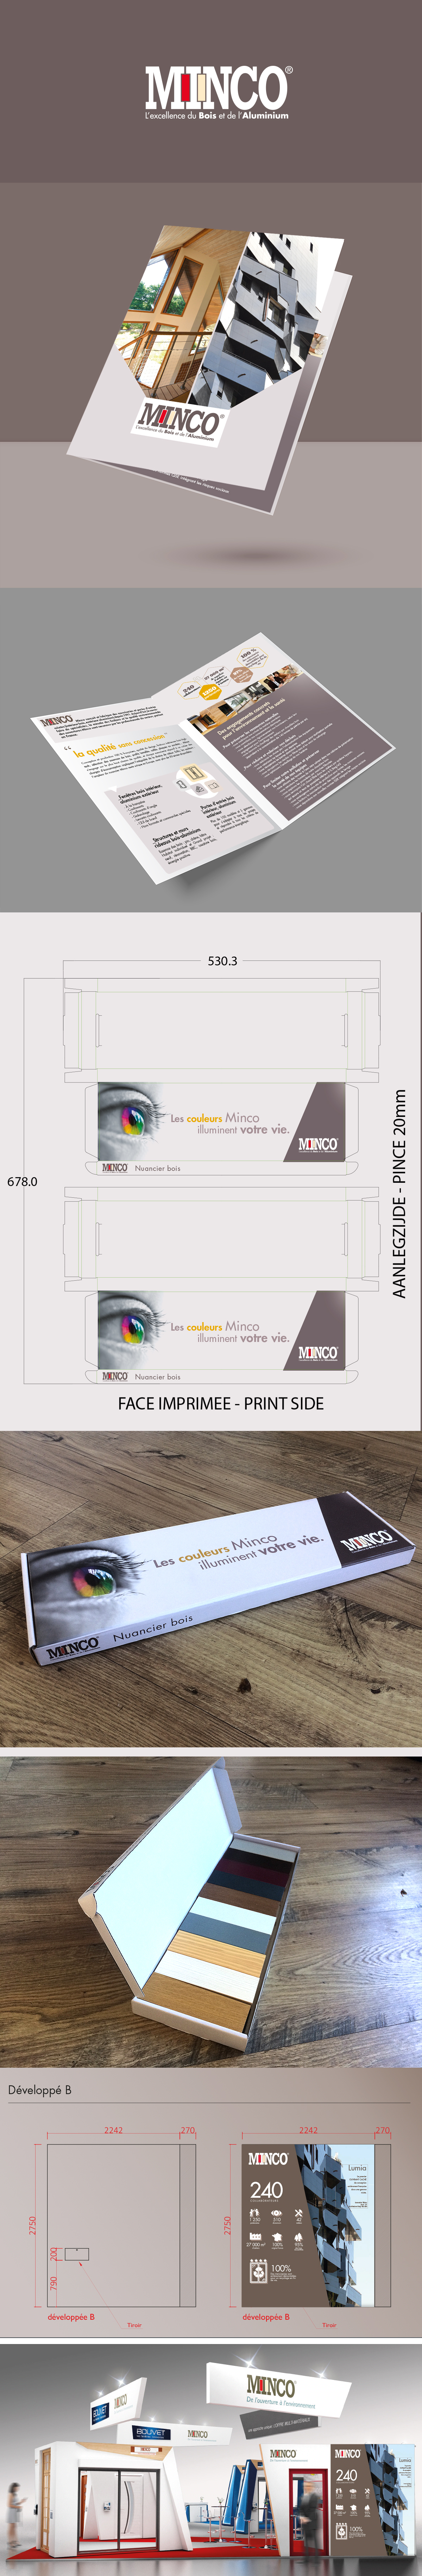 MINCO_planche copie